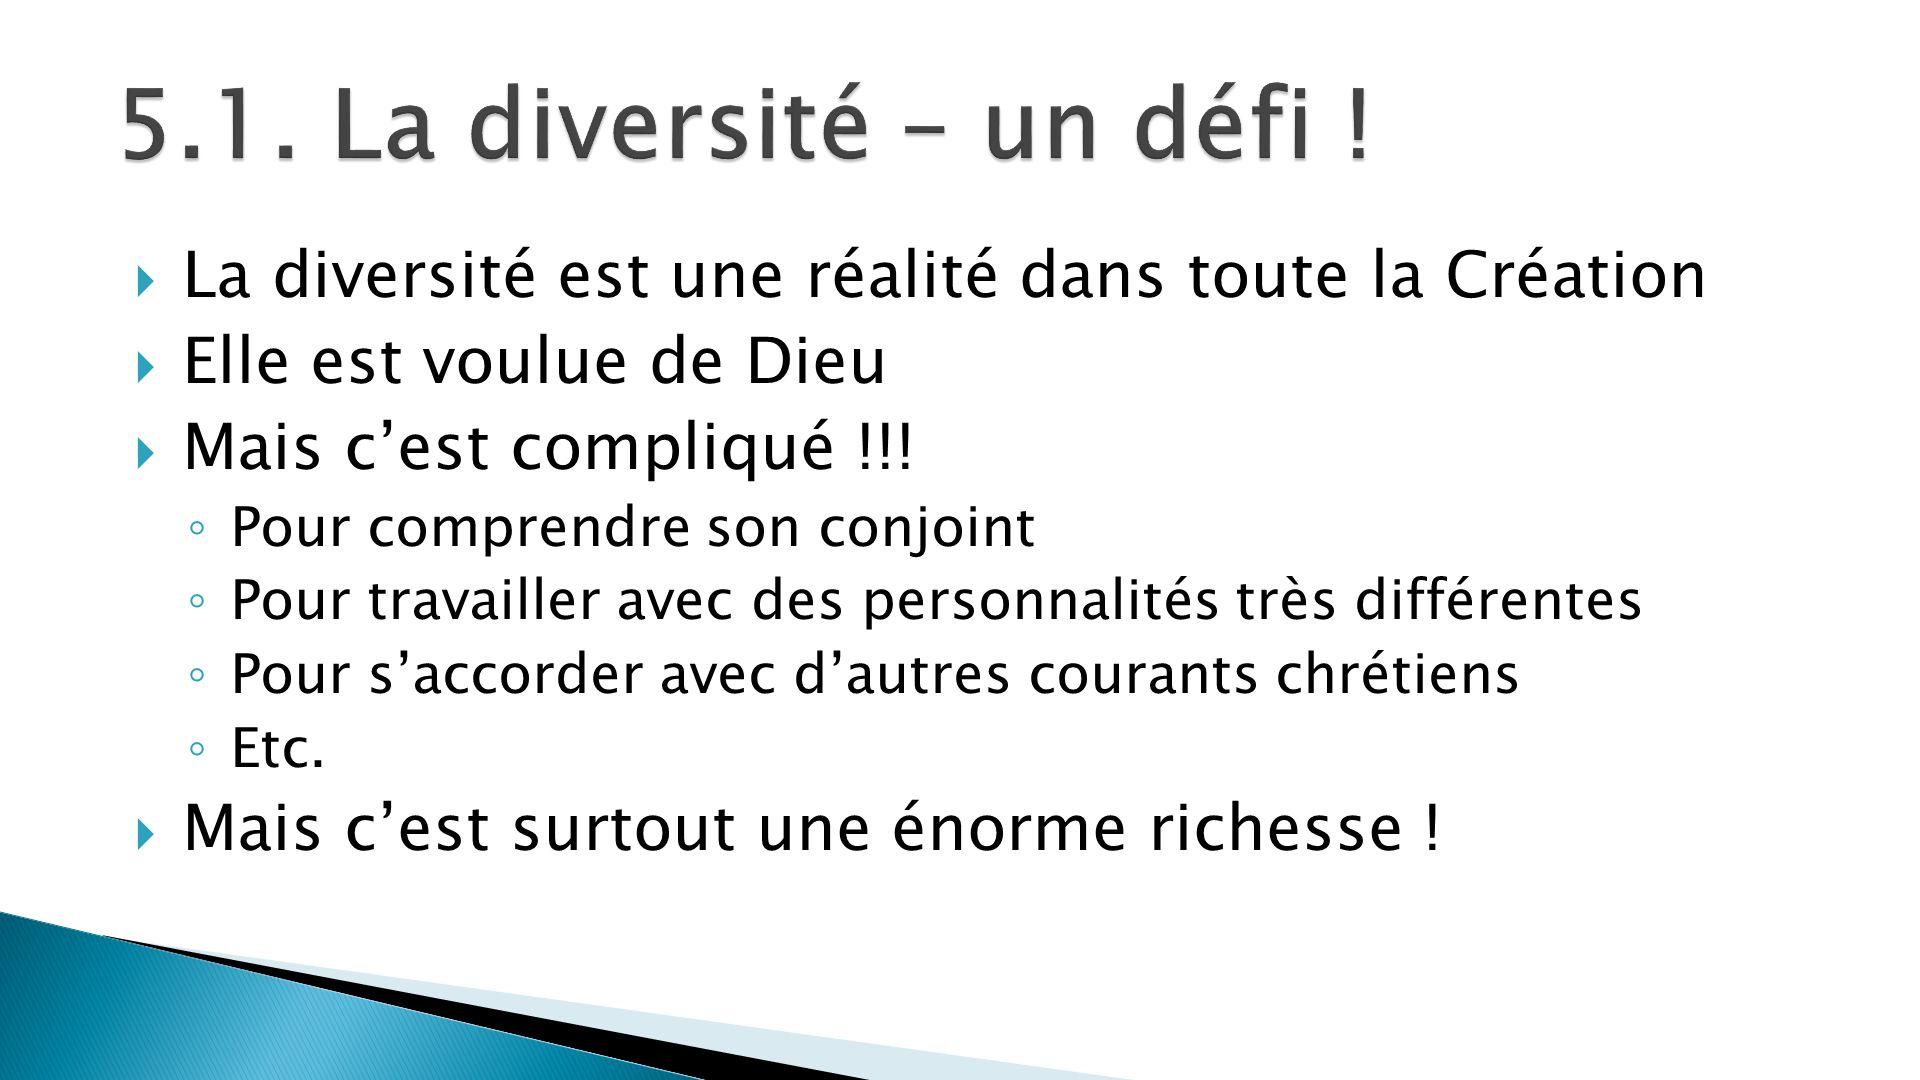 5.1. La diversité – un défi ! La diversité est une réalité dans toute la Création. Elle est voulue de Dieu.